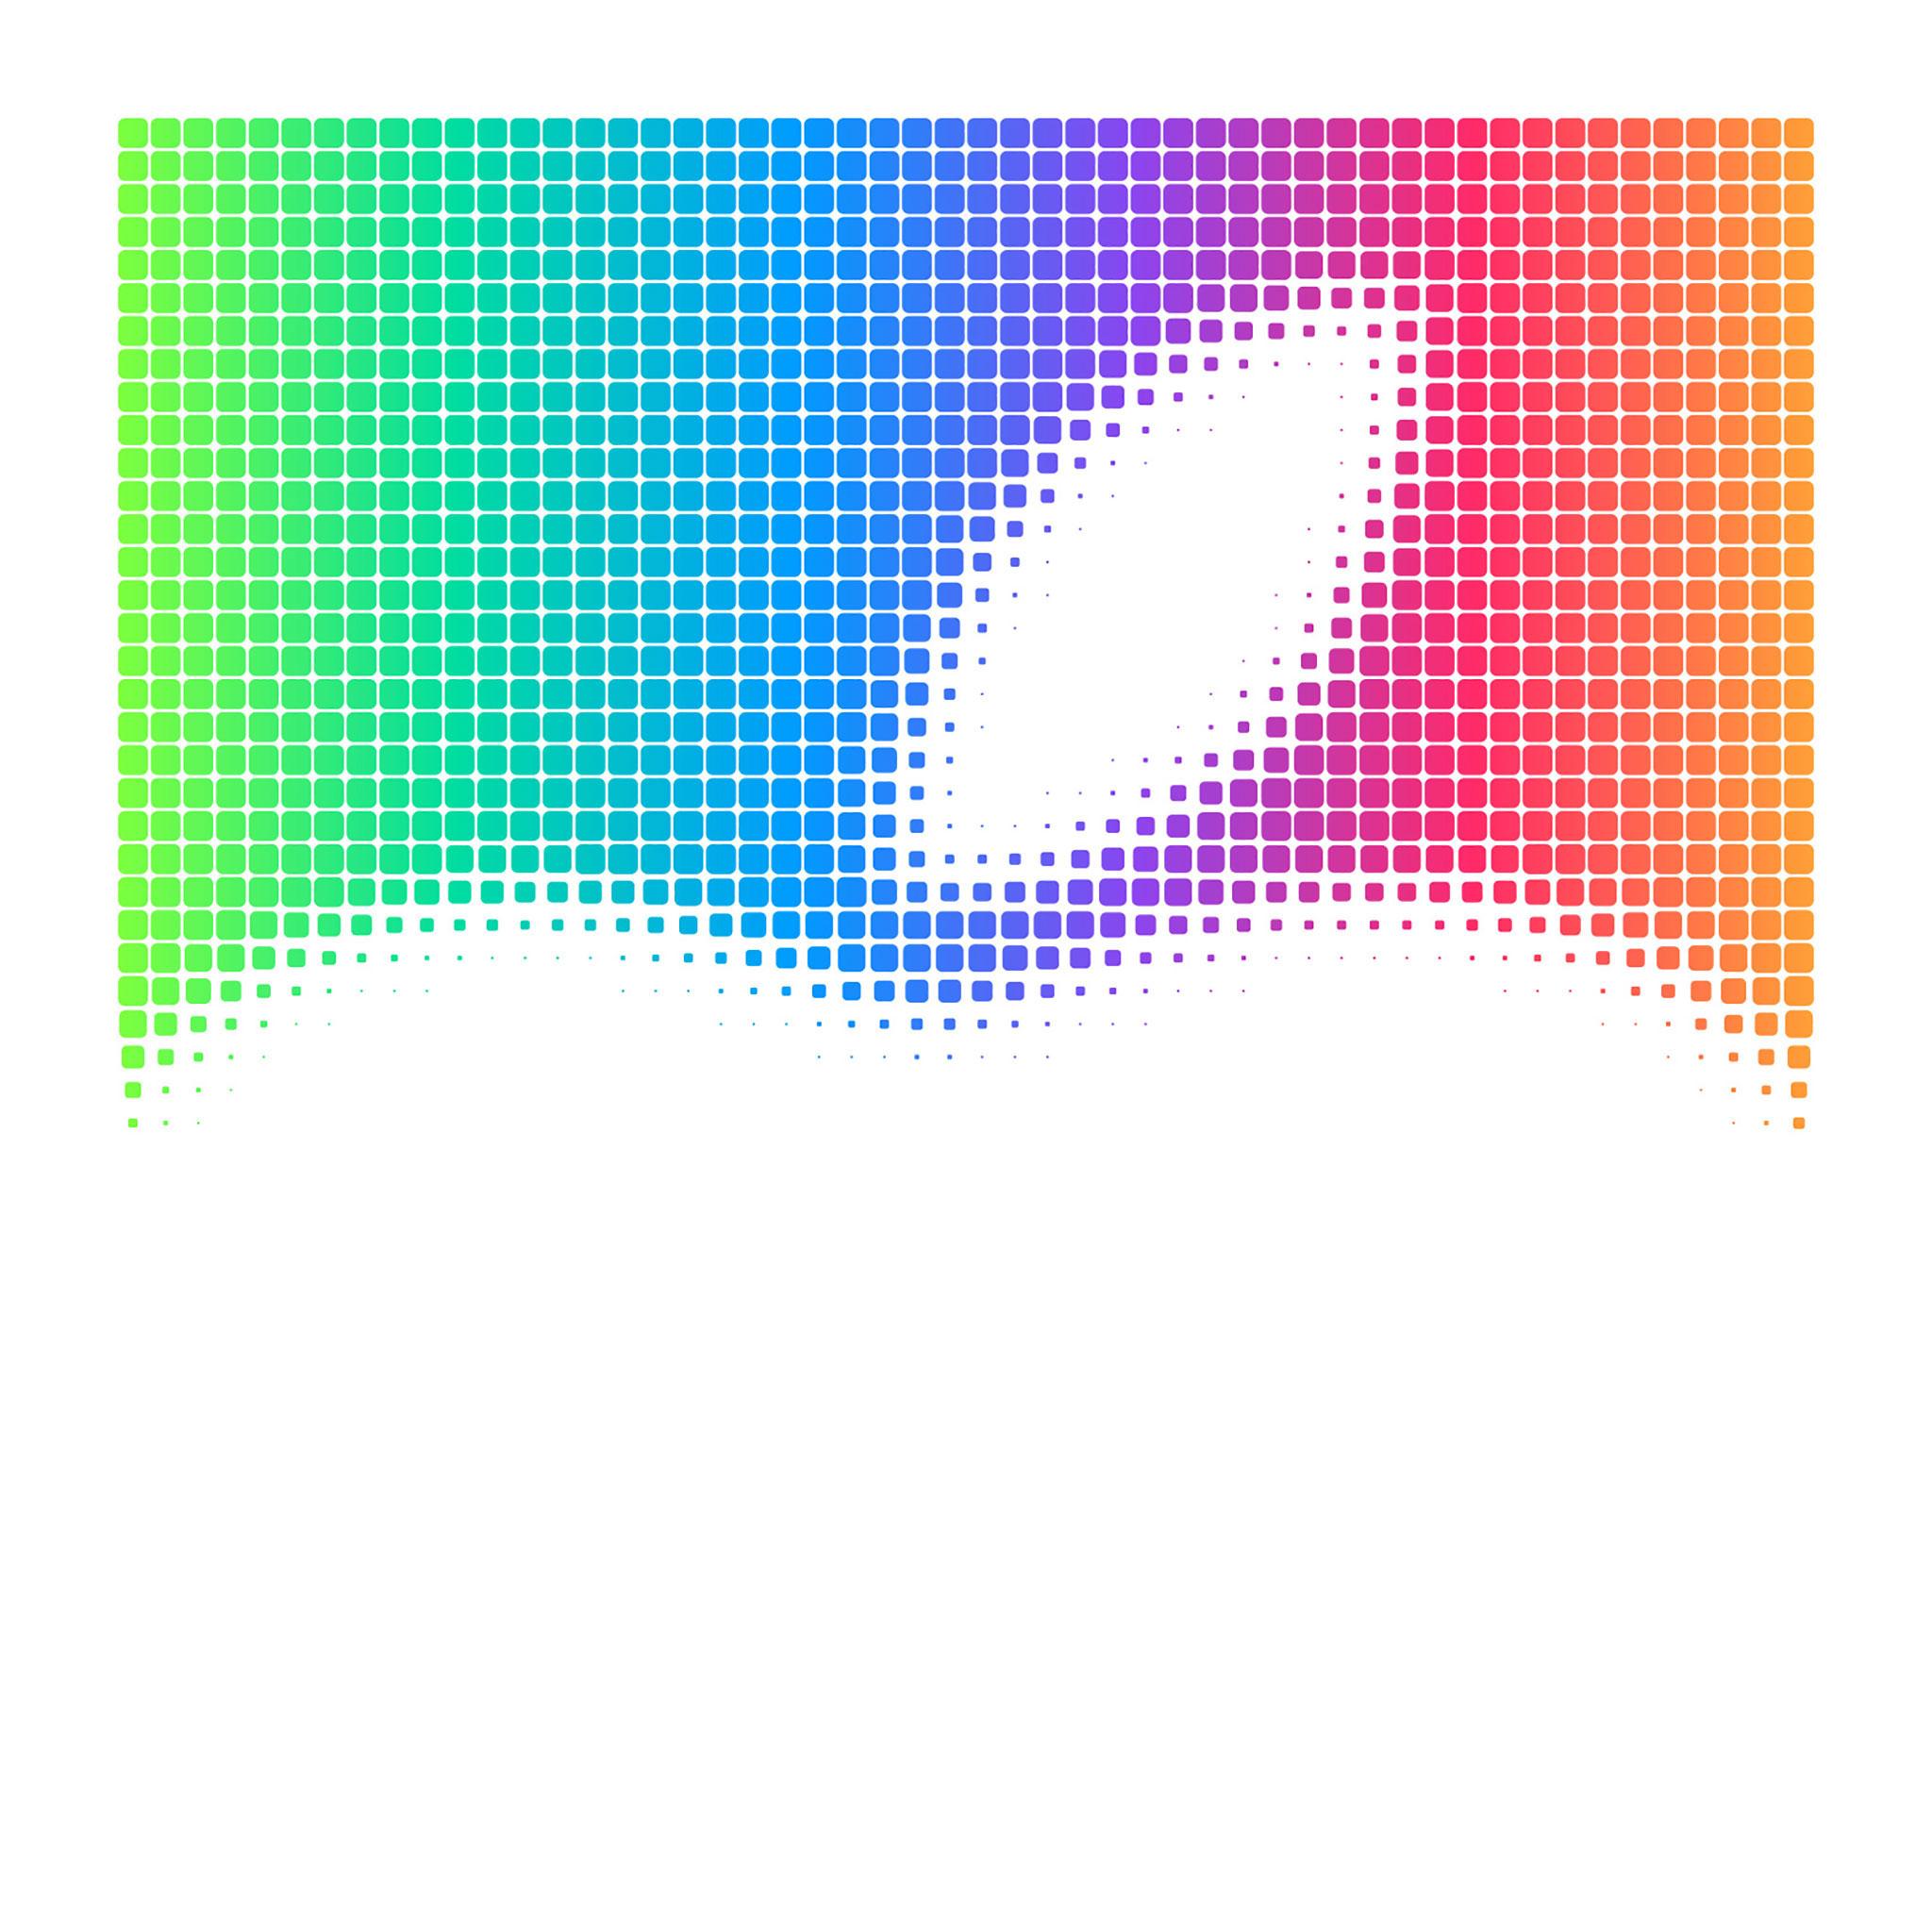 wwdc_2014_wallpaper_ipad_clean